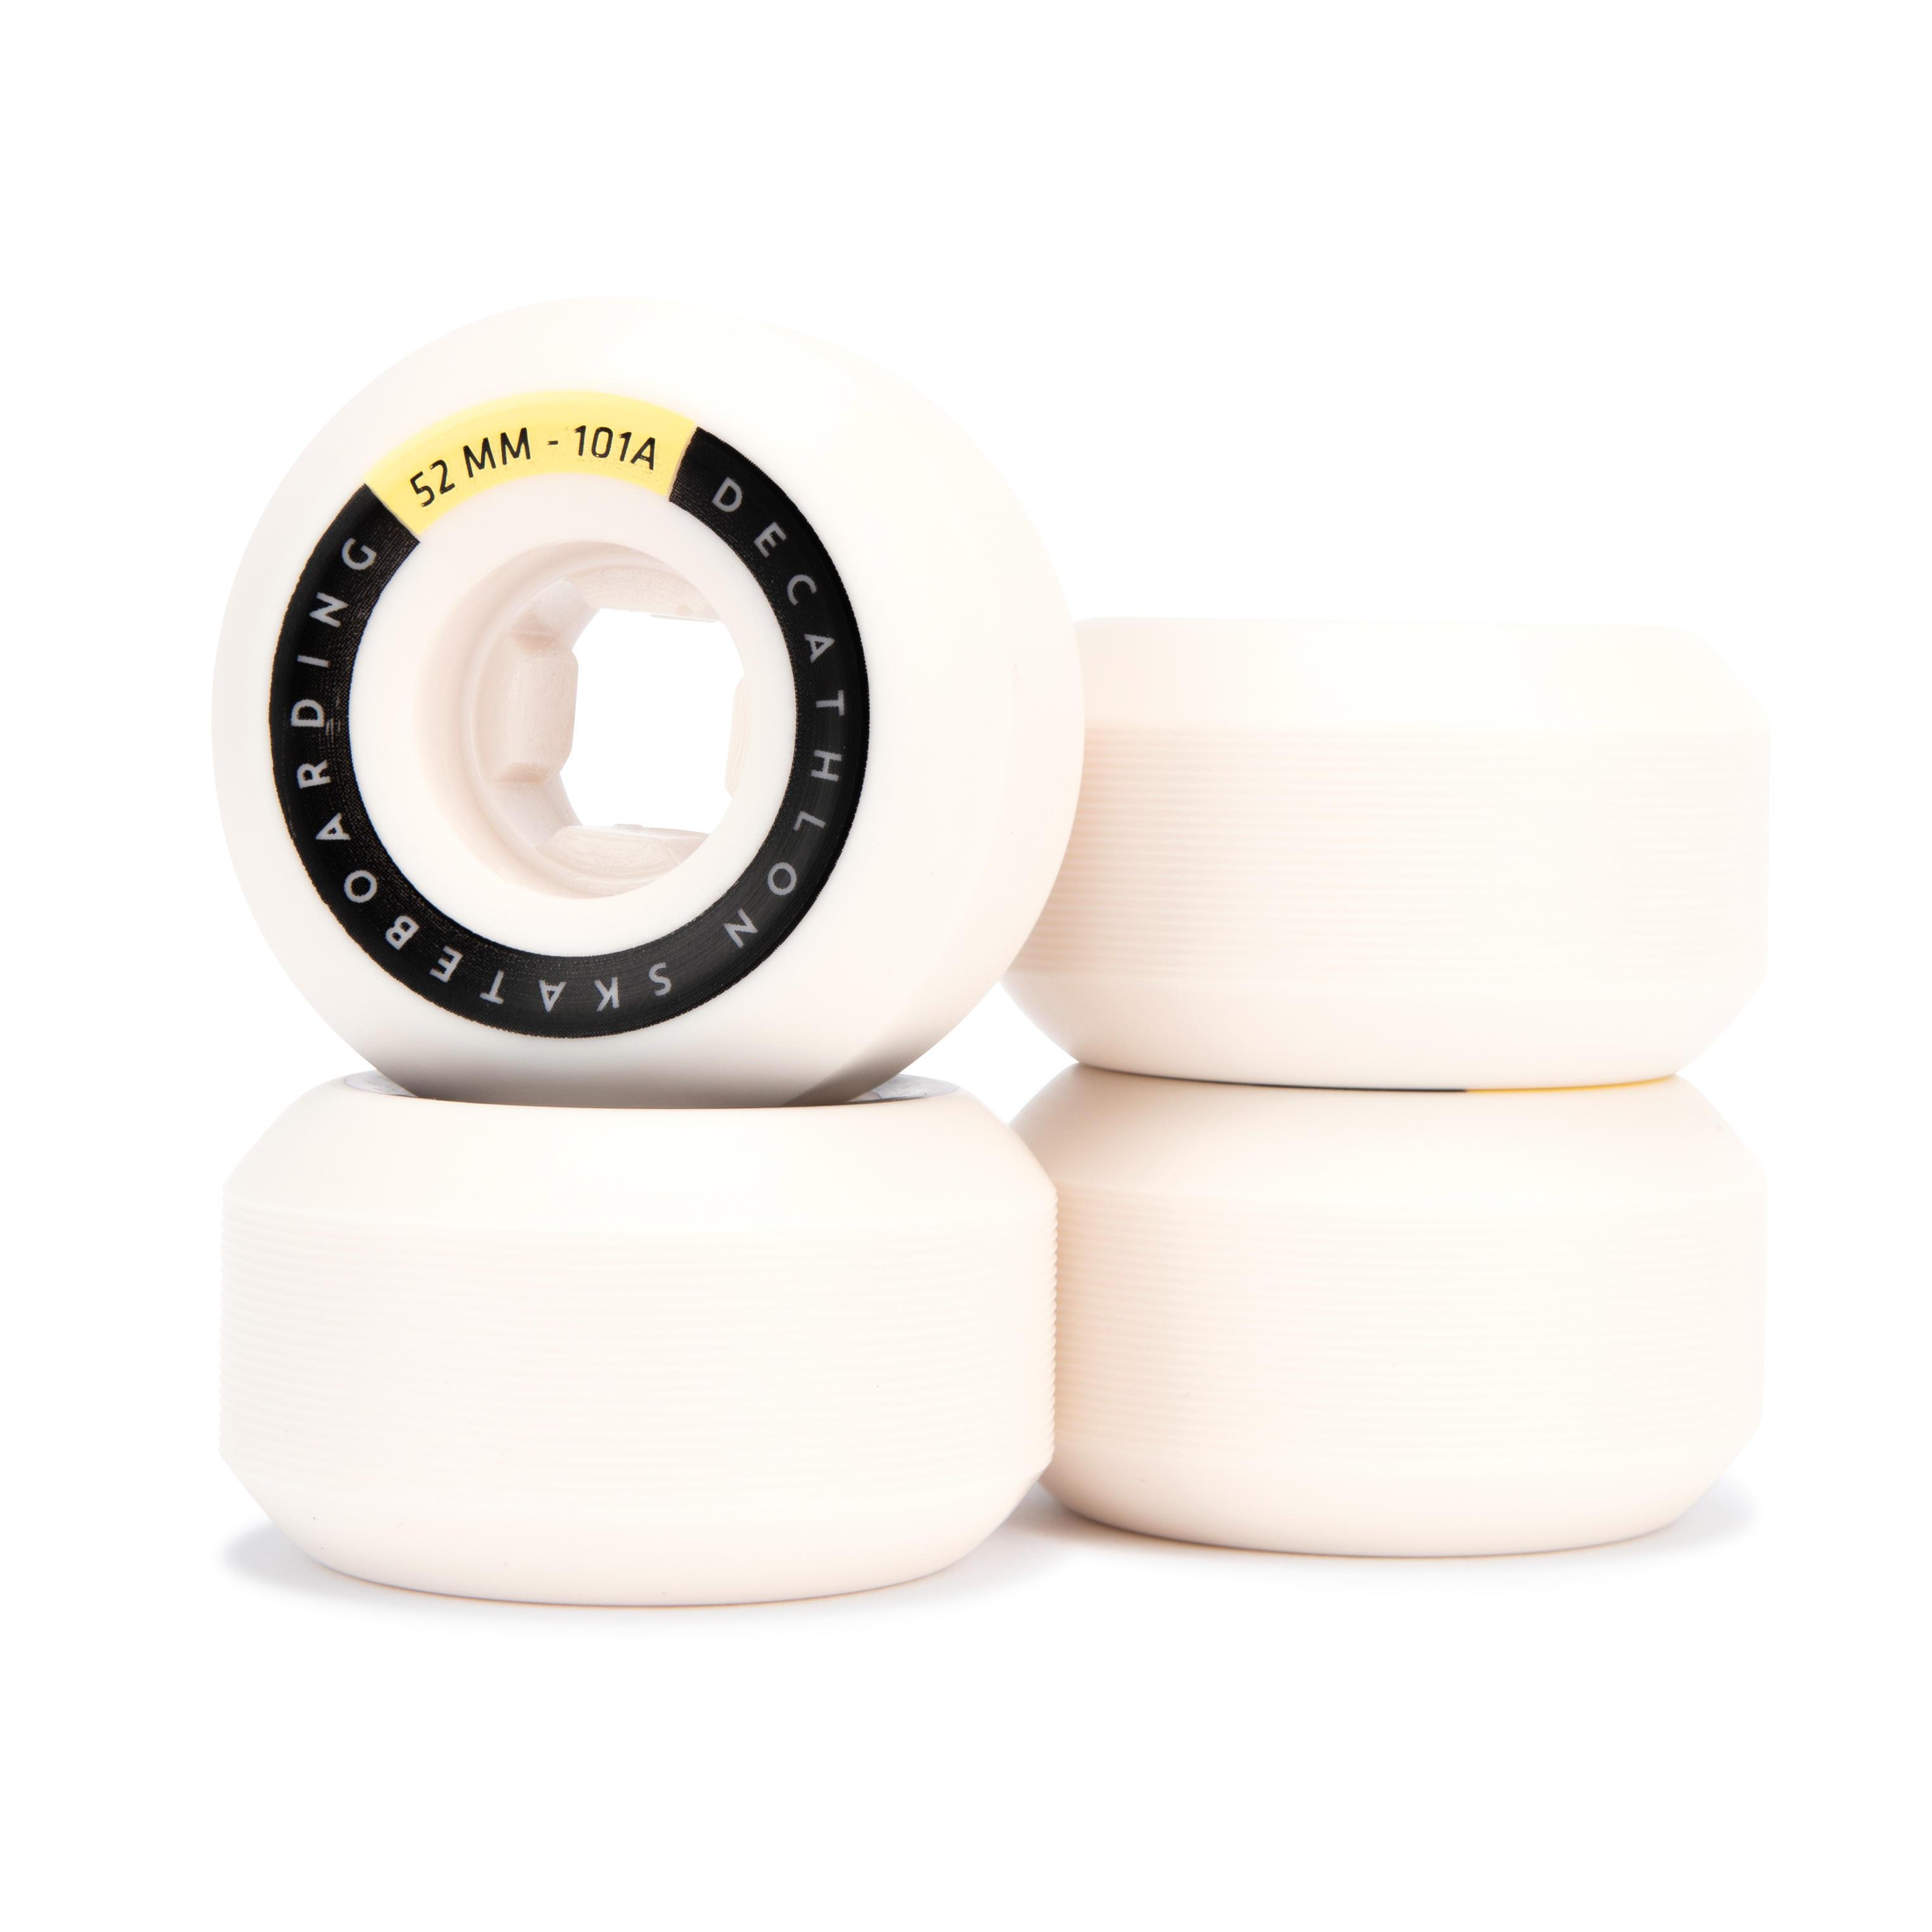 Oxelo JEU DE 4 ROUES DE SKATEBOARD COULEUR IVOIRE FORME CONIQUE TAILLE 52mm, 101A. - Oxelo